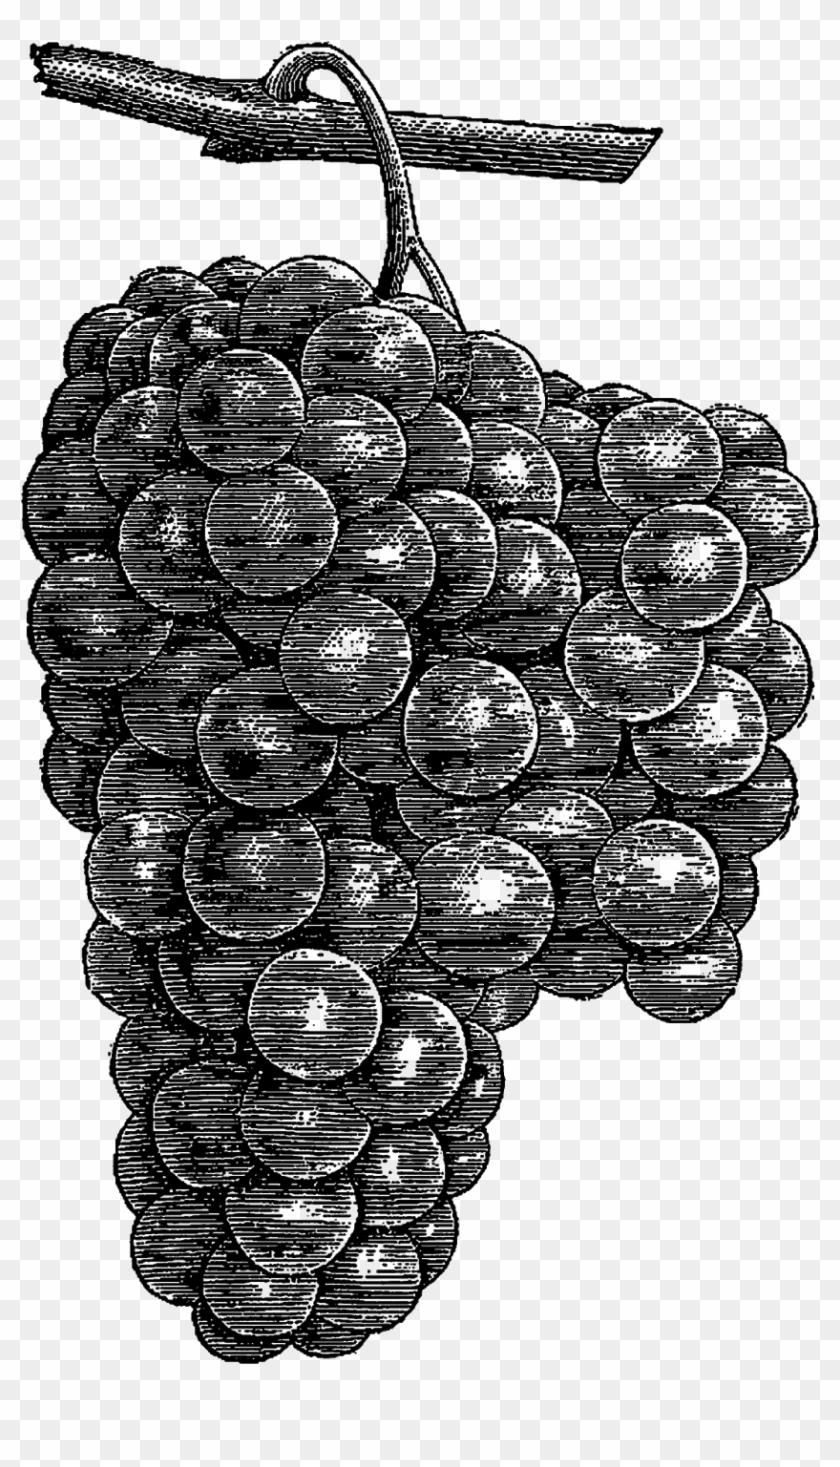 Digital download artwork drawing. Grapes clipart date fruit